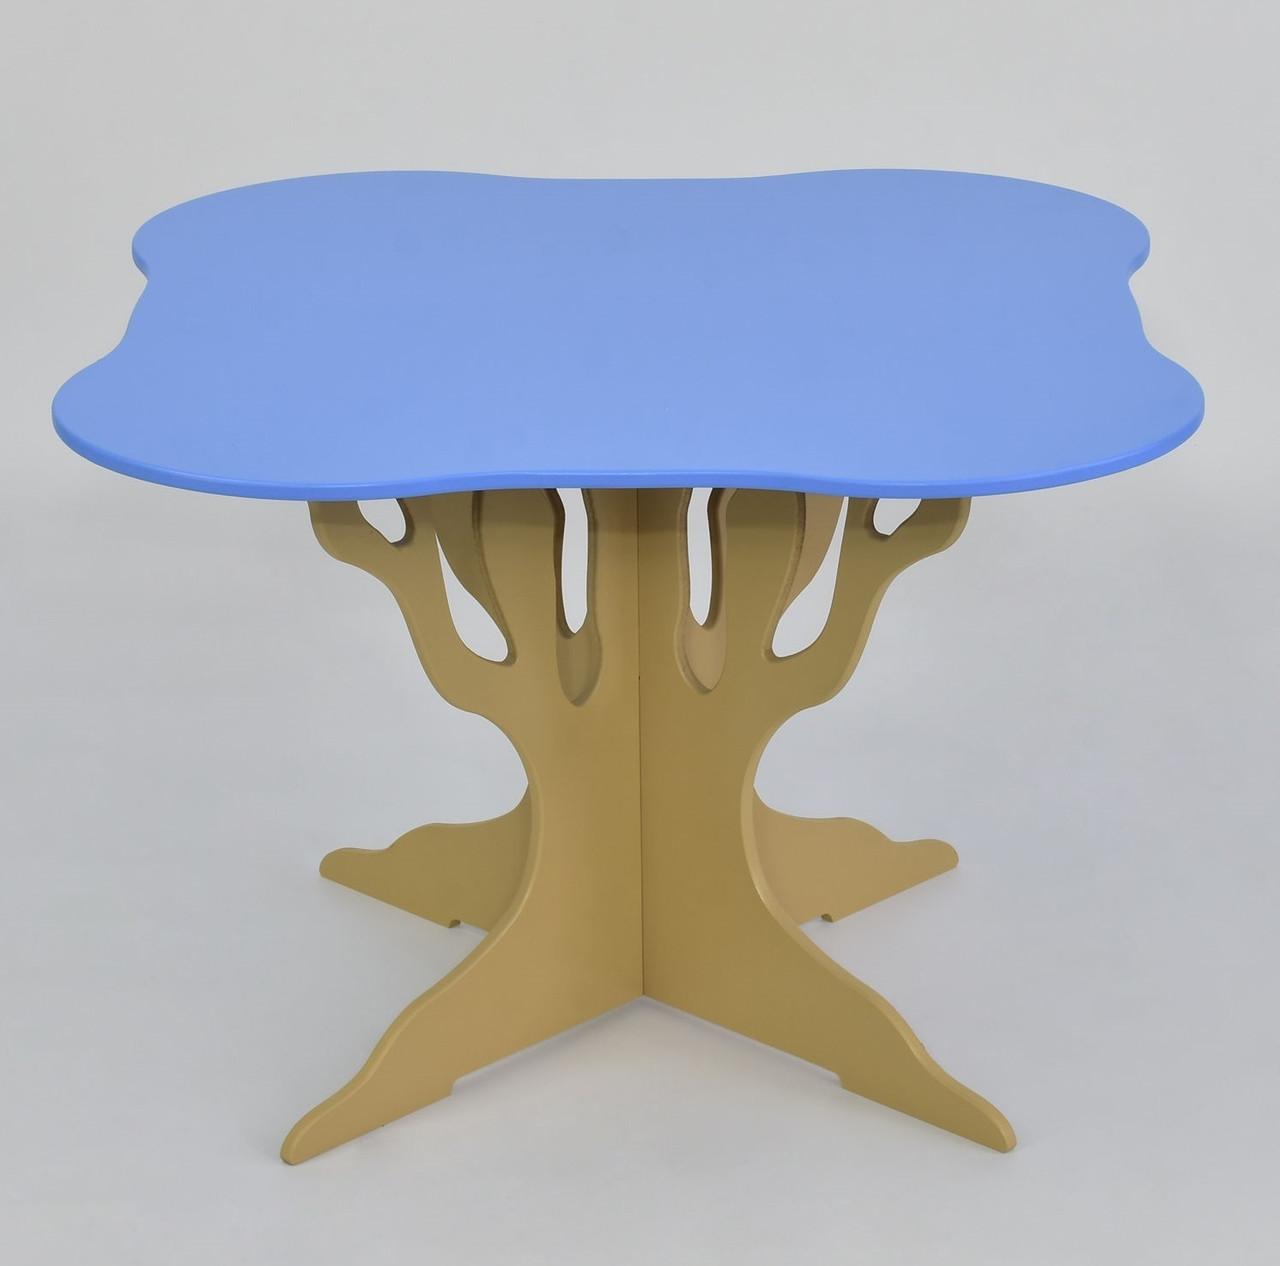 Мася Столик-дерево Мася 5220 Blue (5220)